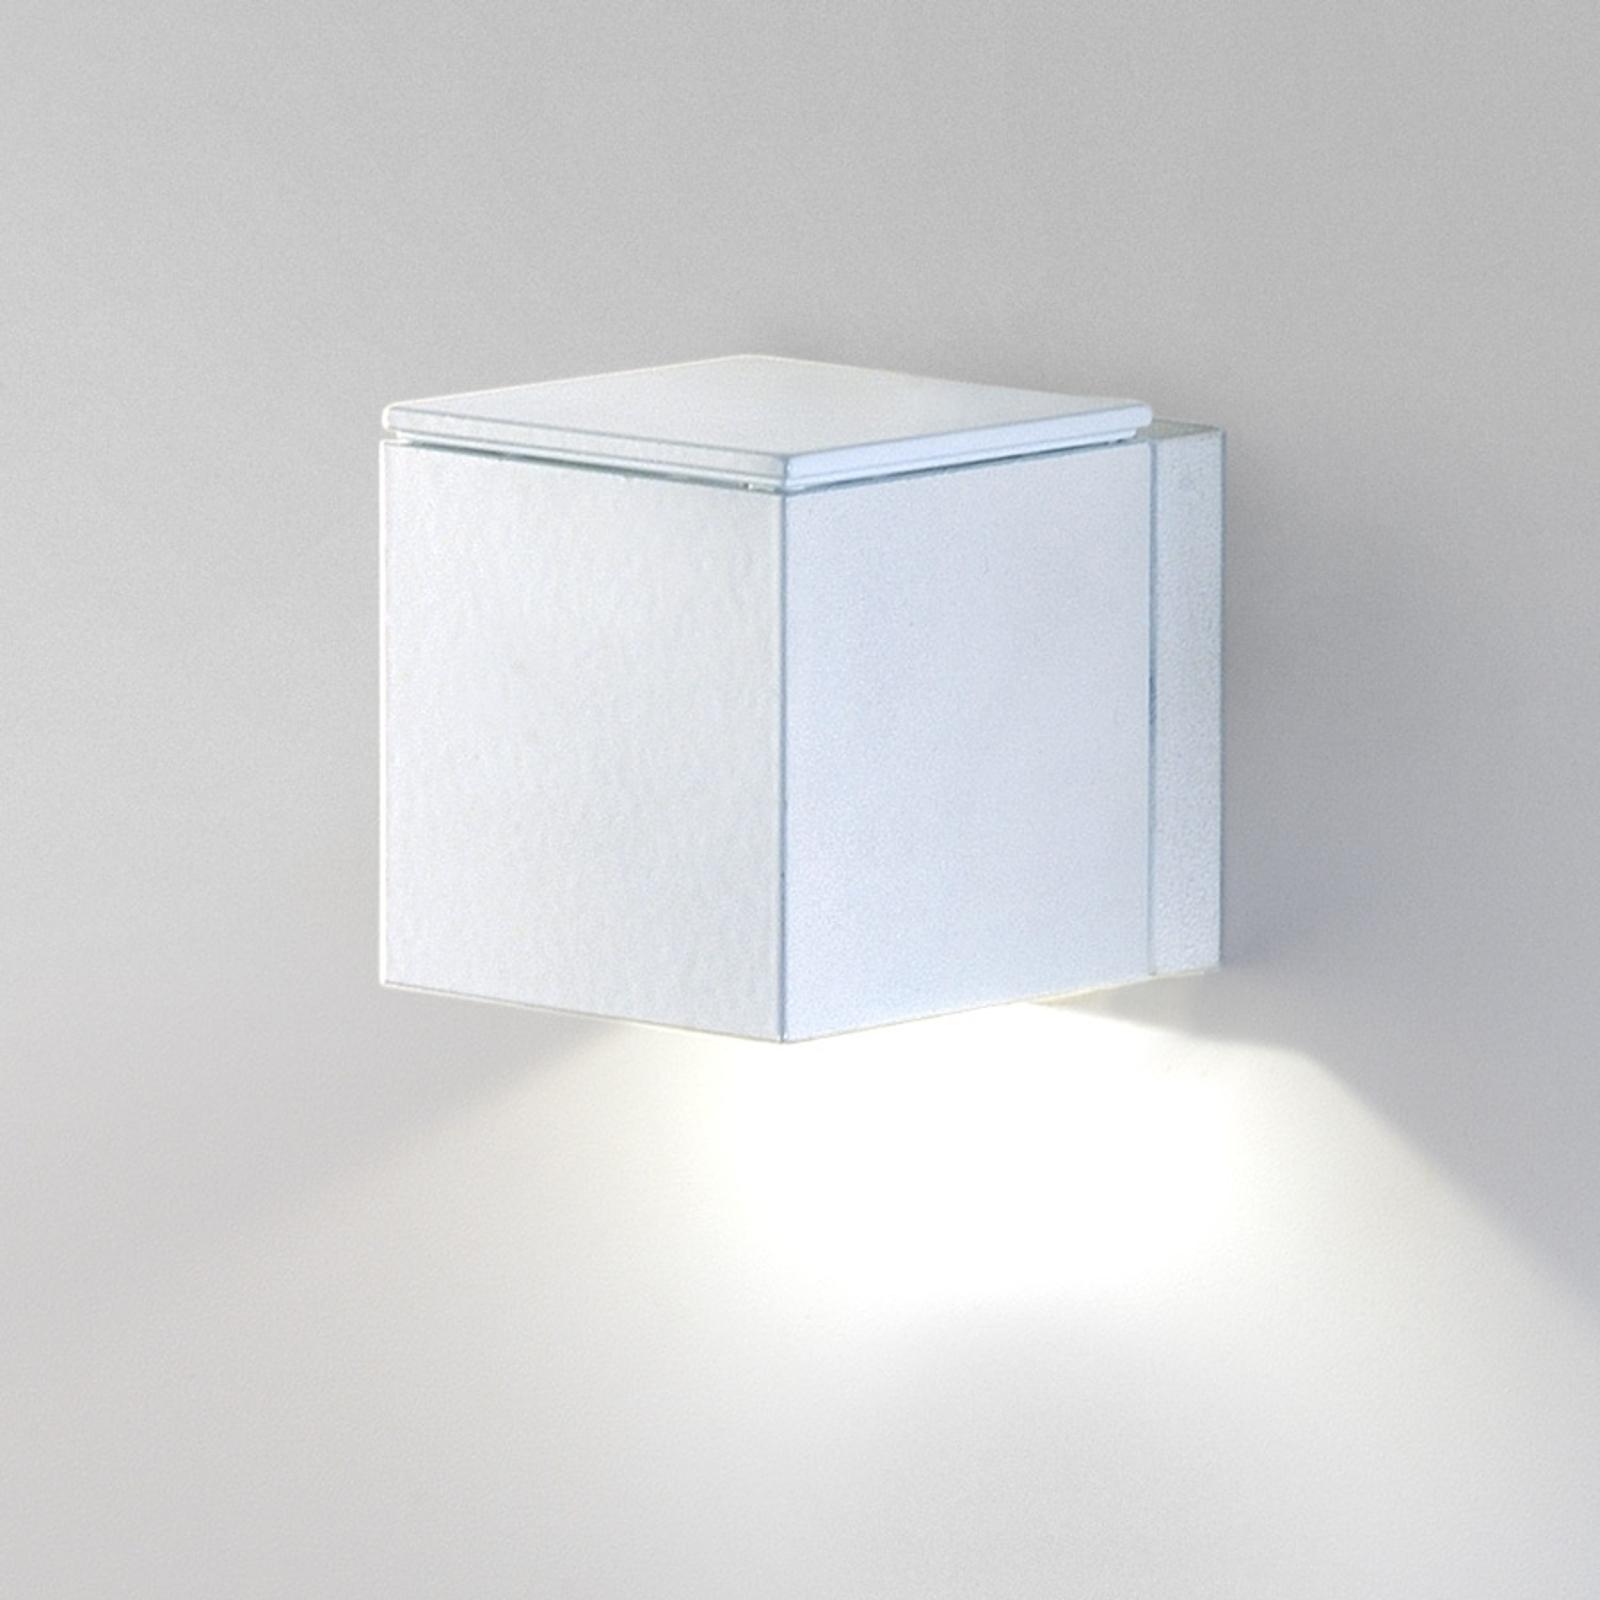 LED-seinävalaisin Dau Mini, 1 lamppu, valkoinen